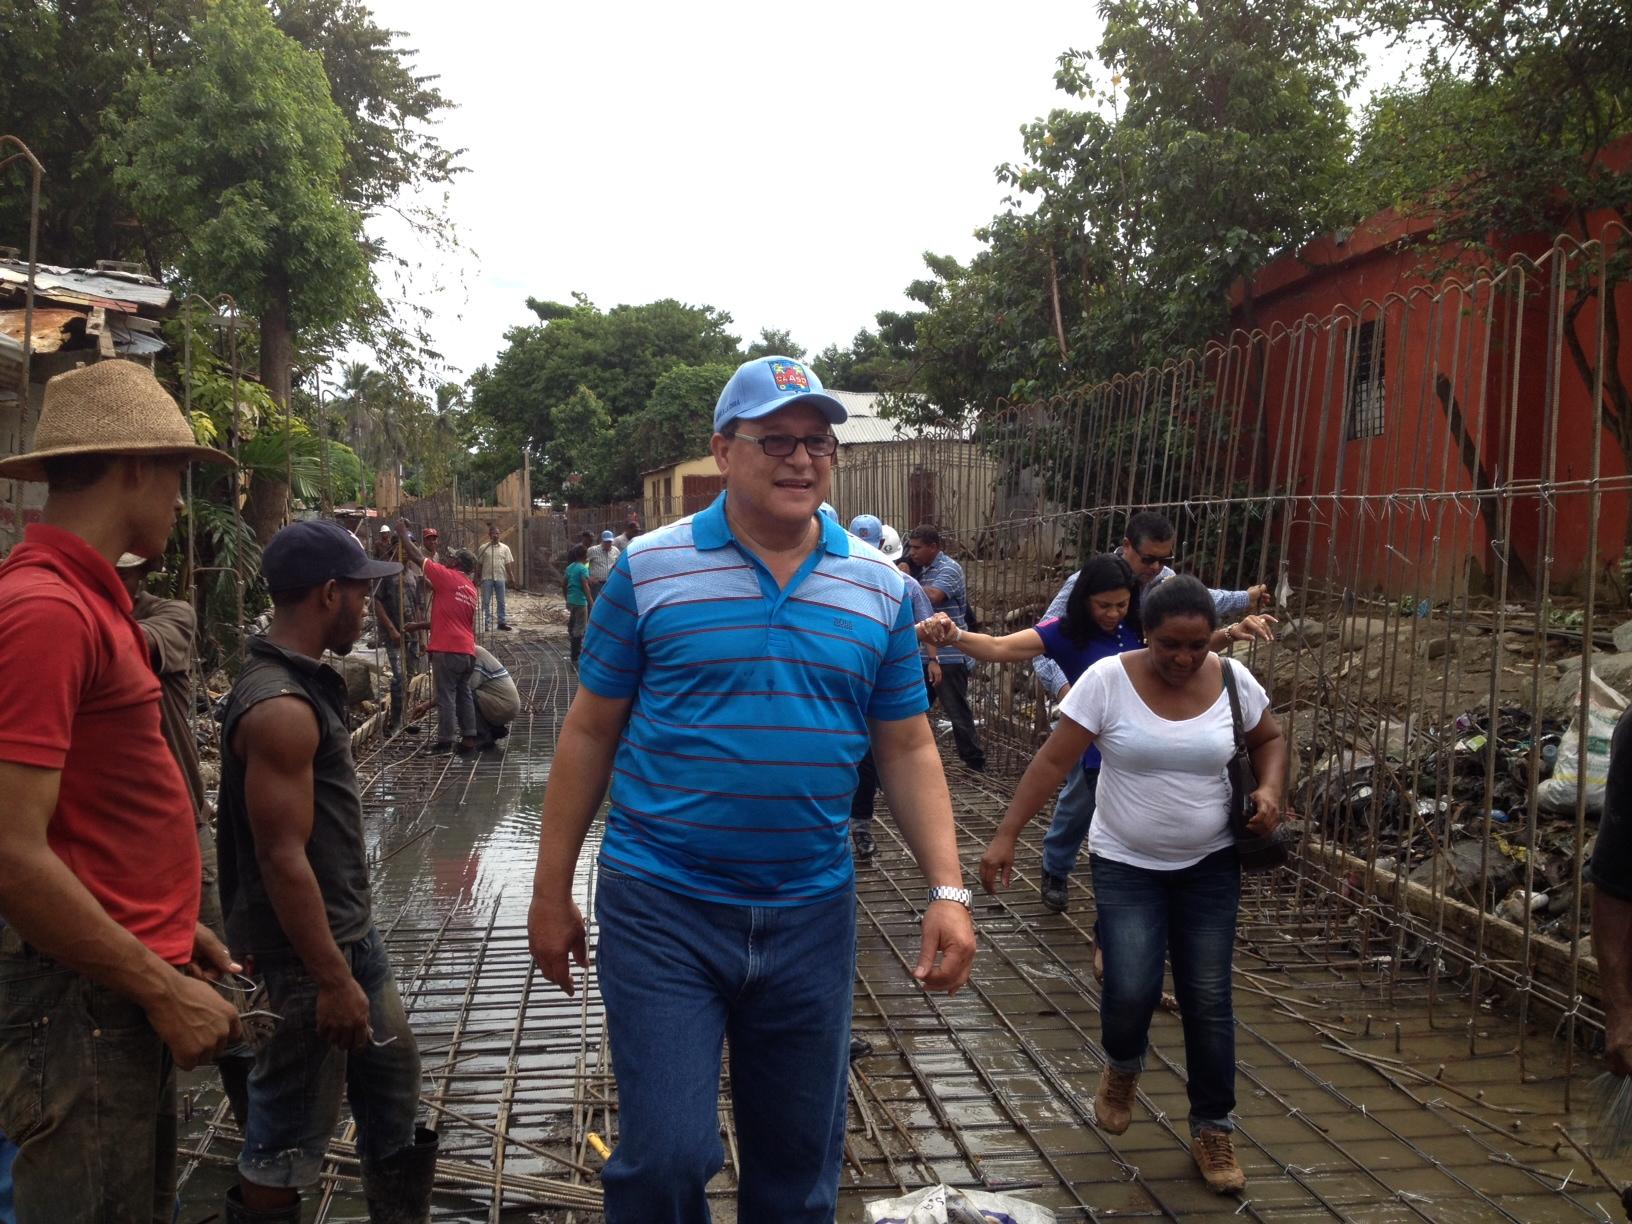 En el 2014 CAASD mejoró servicio de agua en el Gran Santo Domingo, según titular